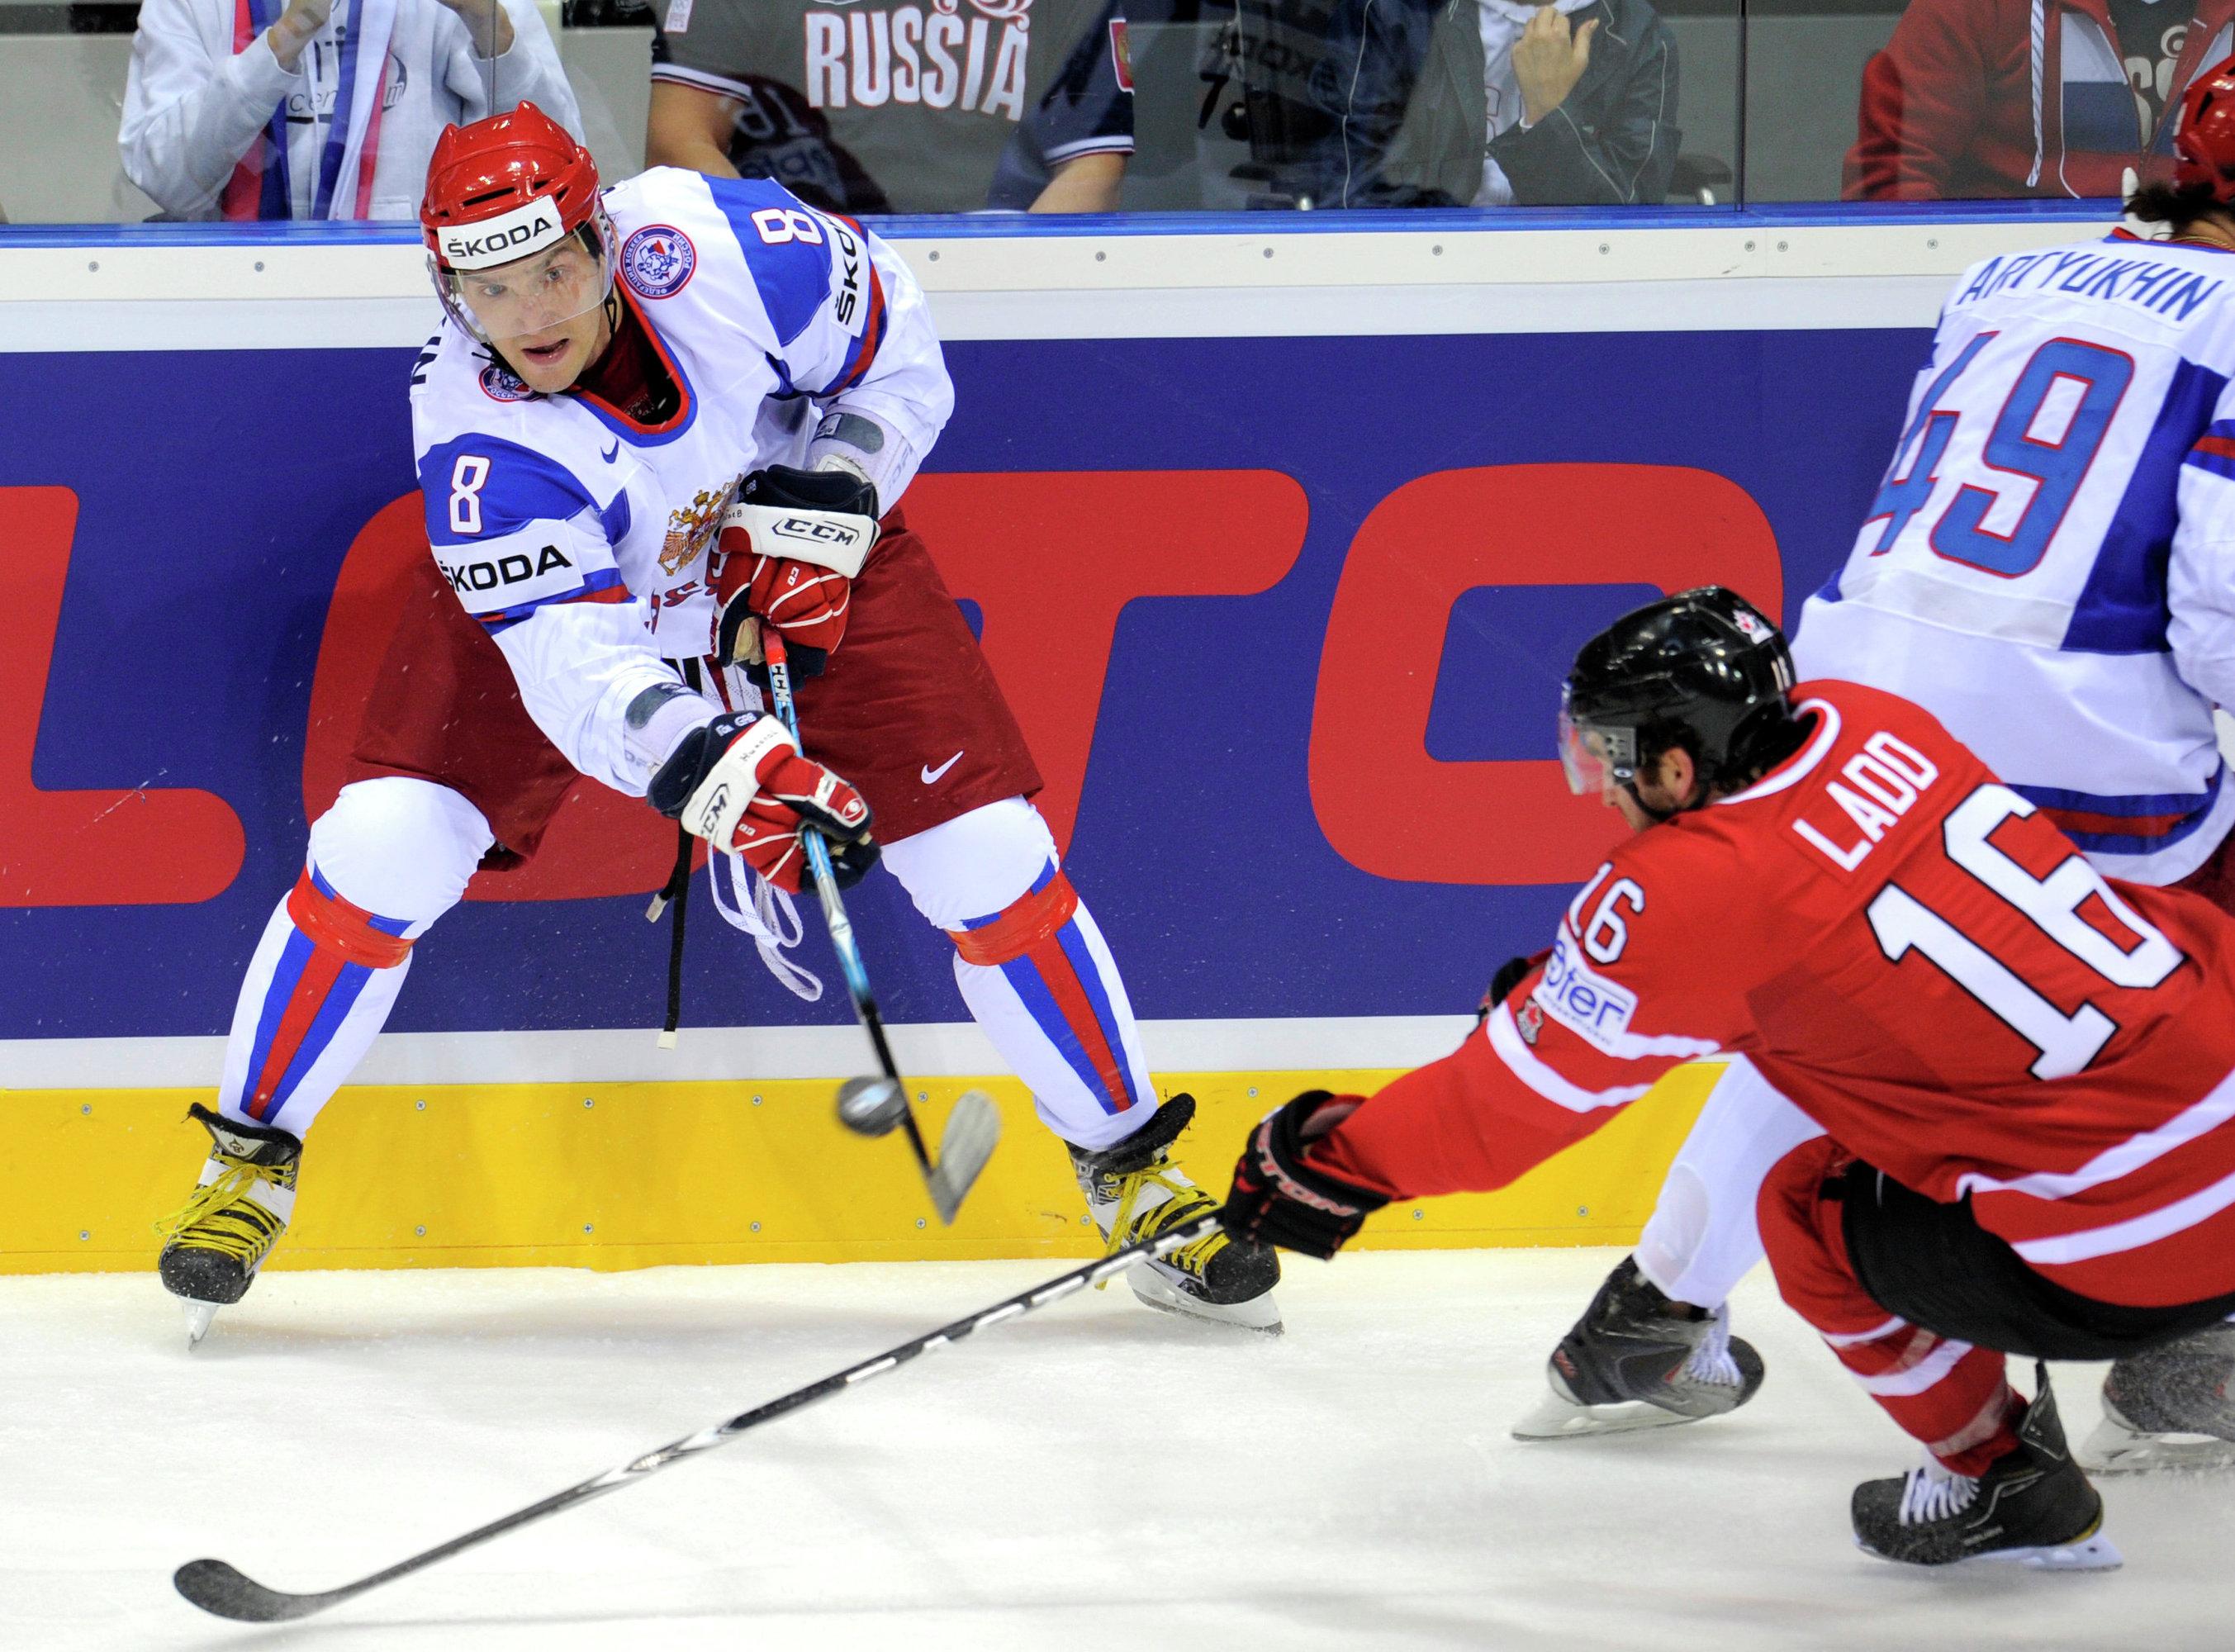 Сборная России по хоккею проиграла Канаде выставочный матч перед Кубком мира